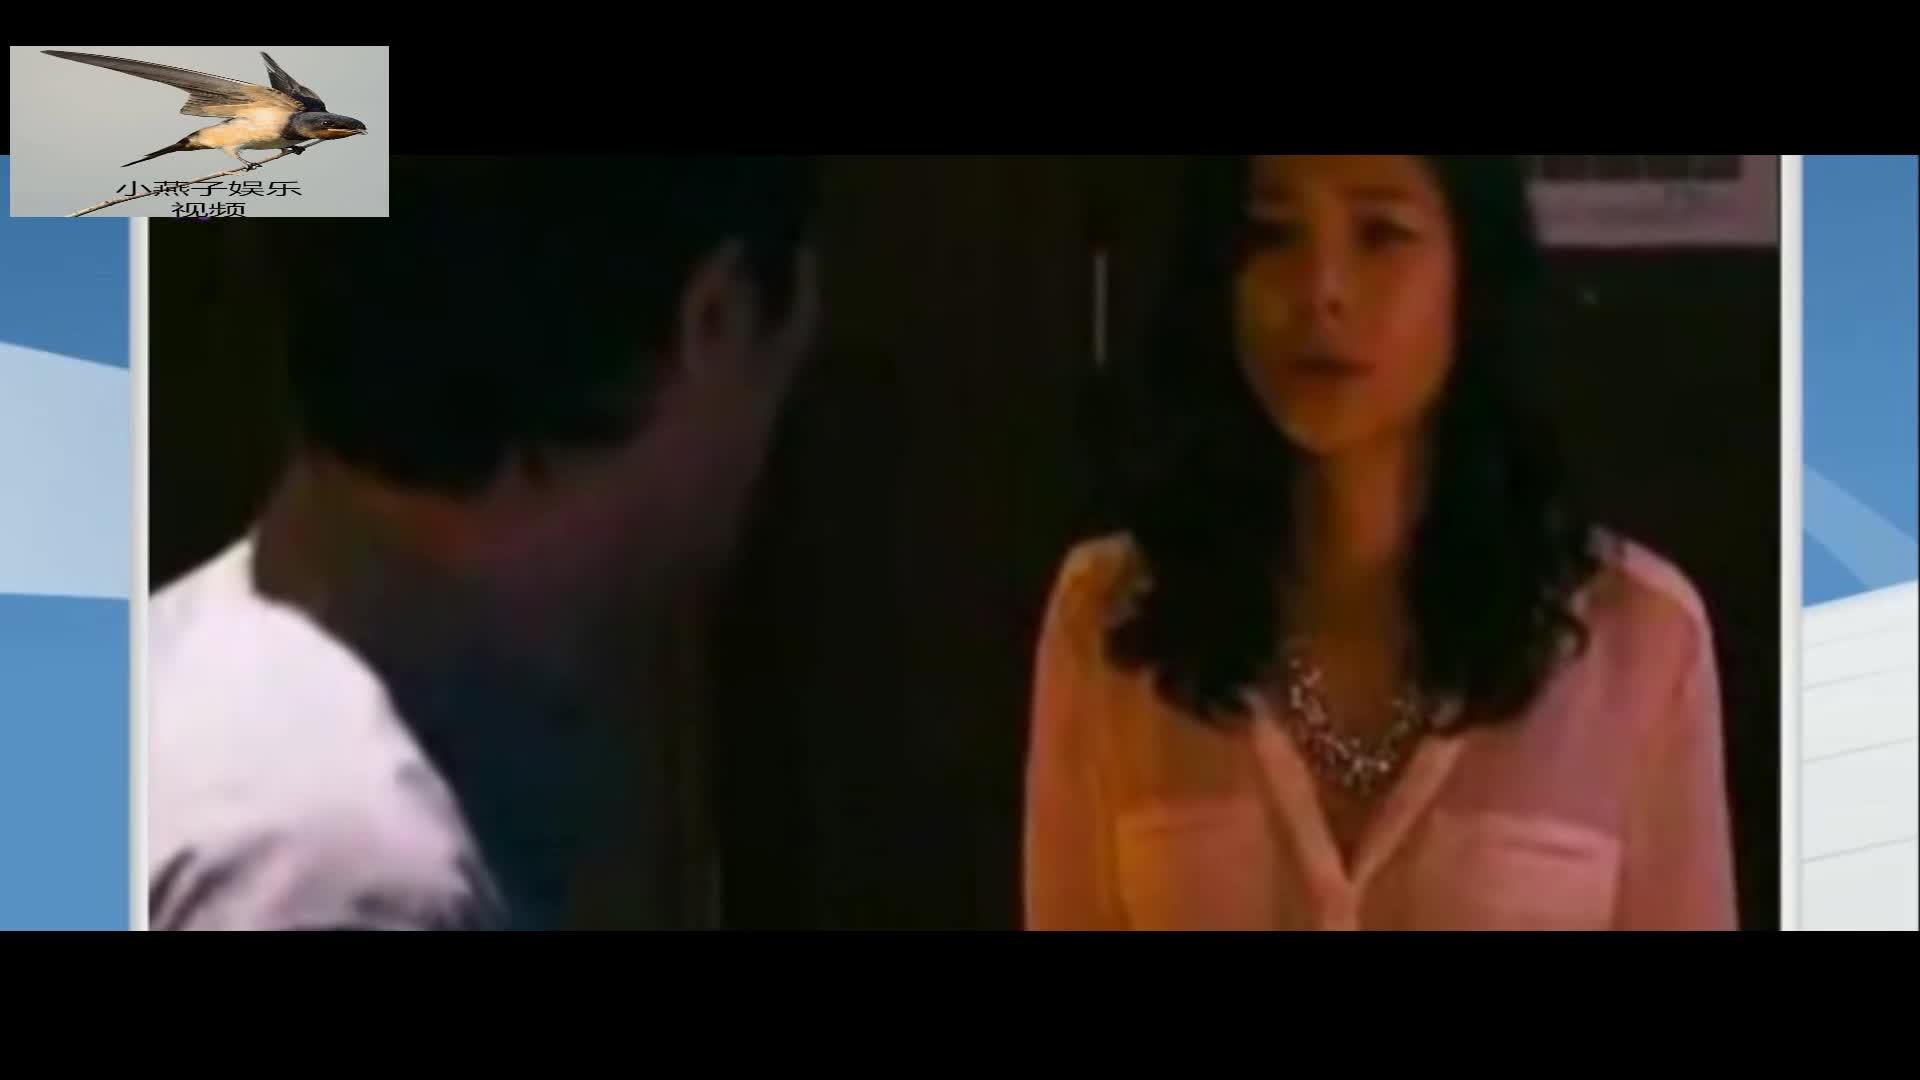 开开咂电影_韩国电影《等待出轨的男人》尺度咂舌